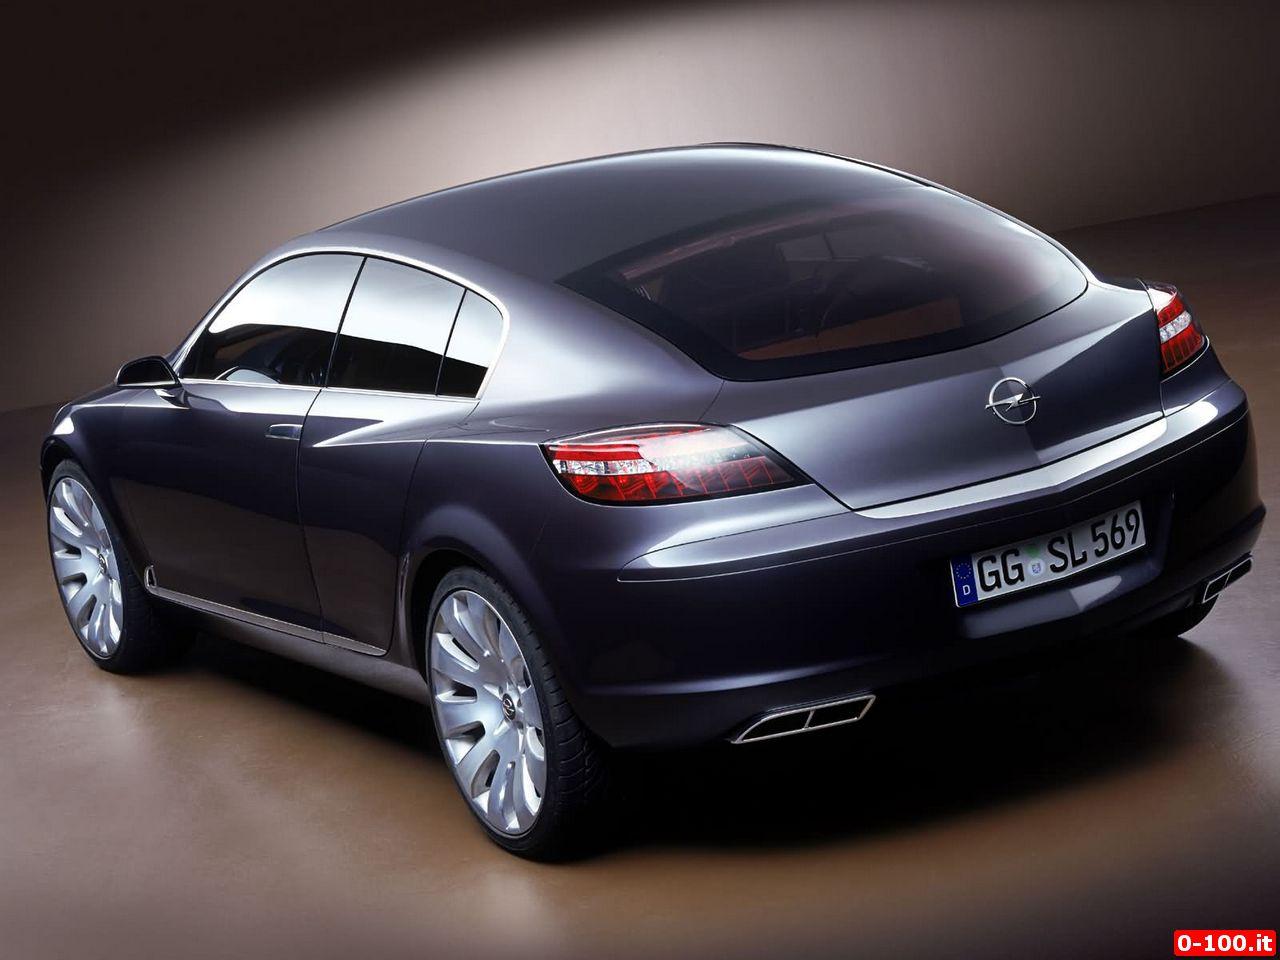 Opel_insignia-concept-0-100_2